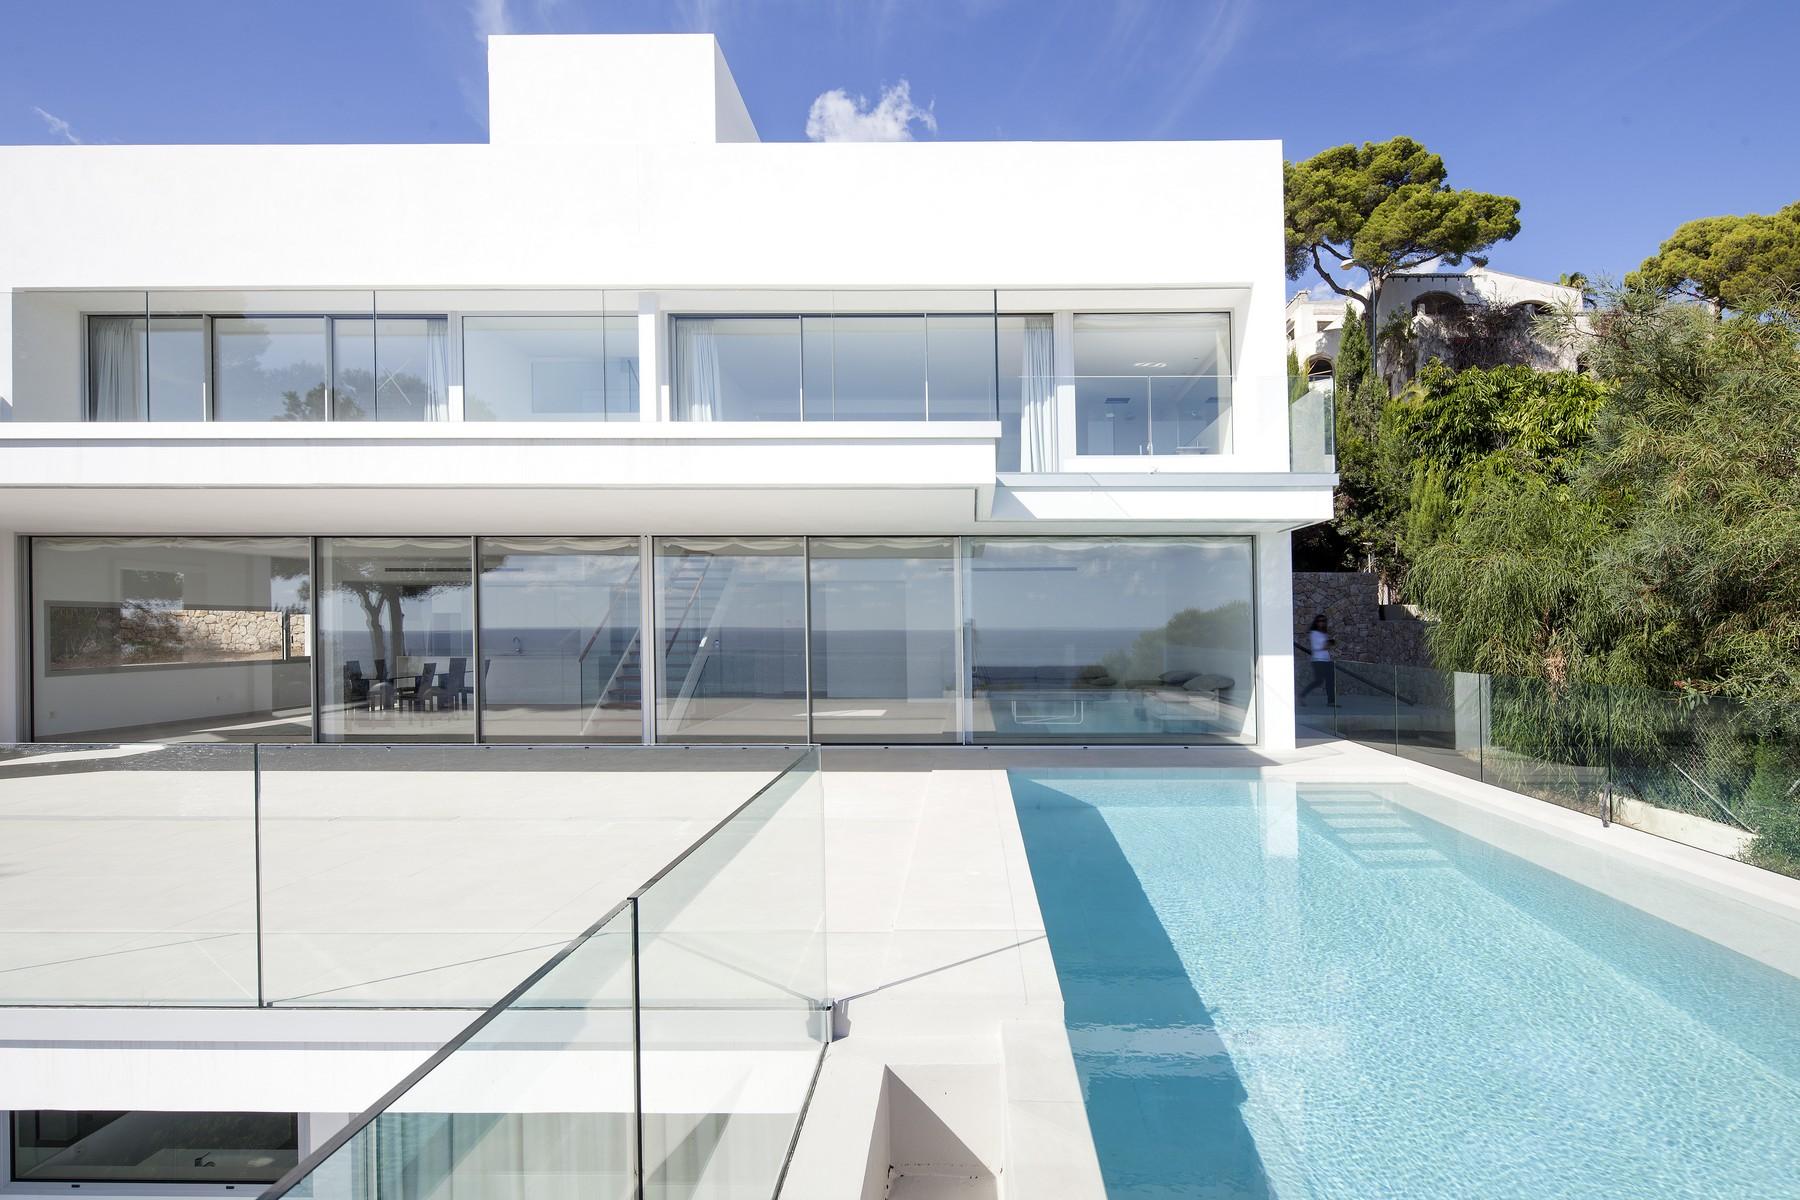 Частный односемейный дом для того Продажа на Modern House in Cala Provensals for sale, Capdepera, Palma Capdepera, Майорка, Испания